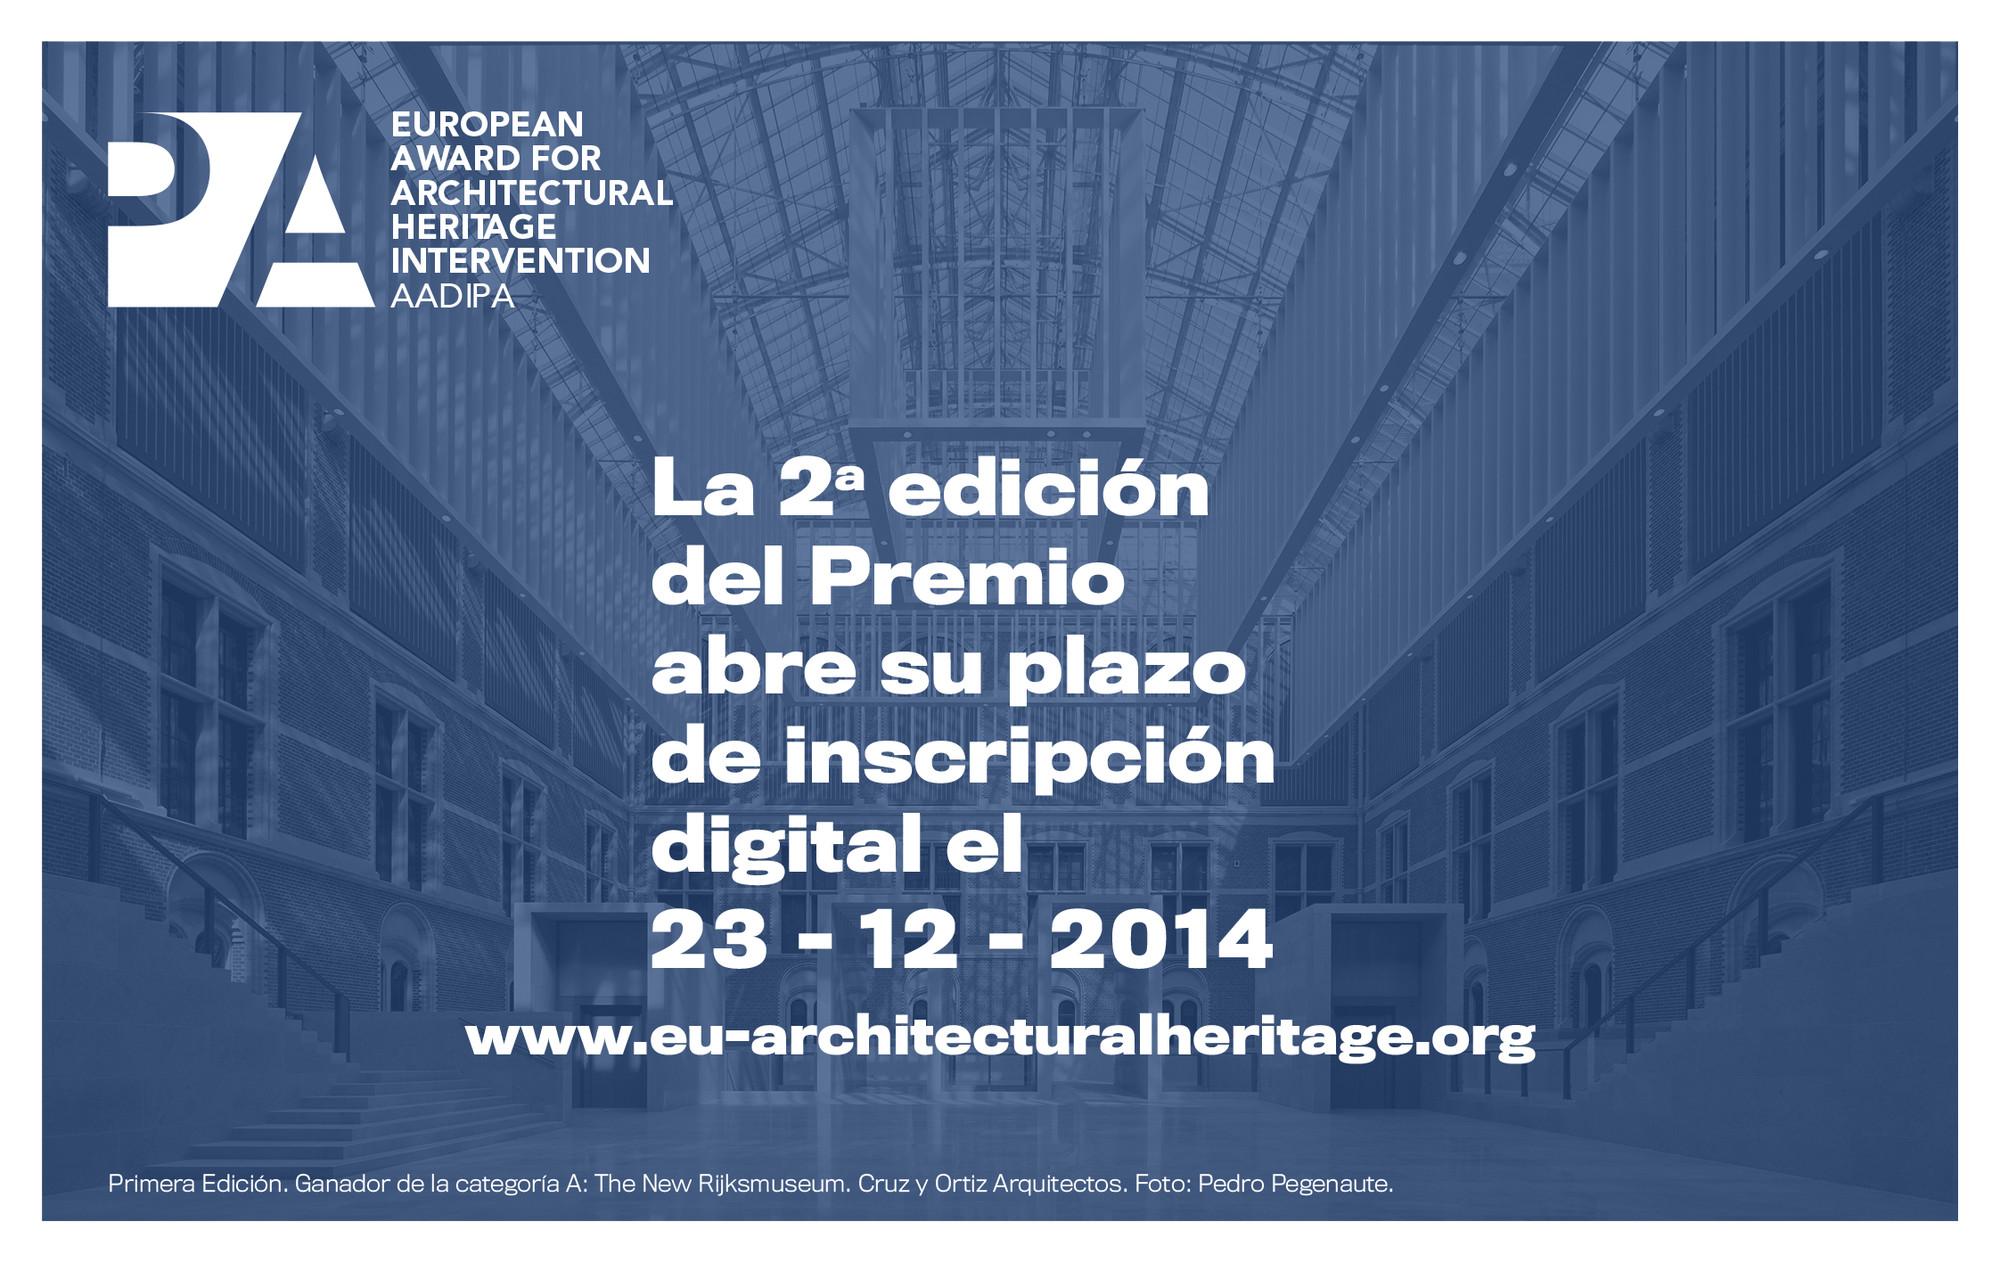 Abren convocatoria para el premio Europeo de Intervención en el Patrimonio Arquitectónico AADIPA